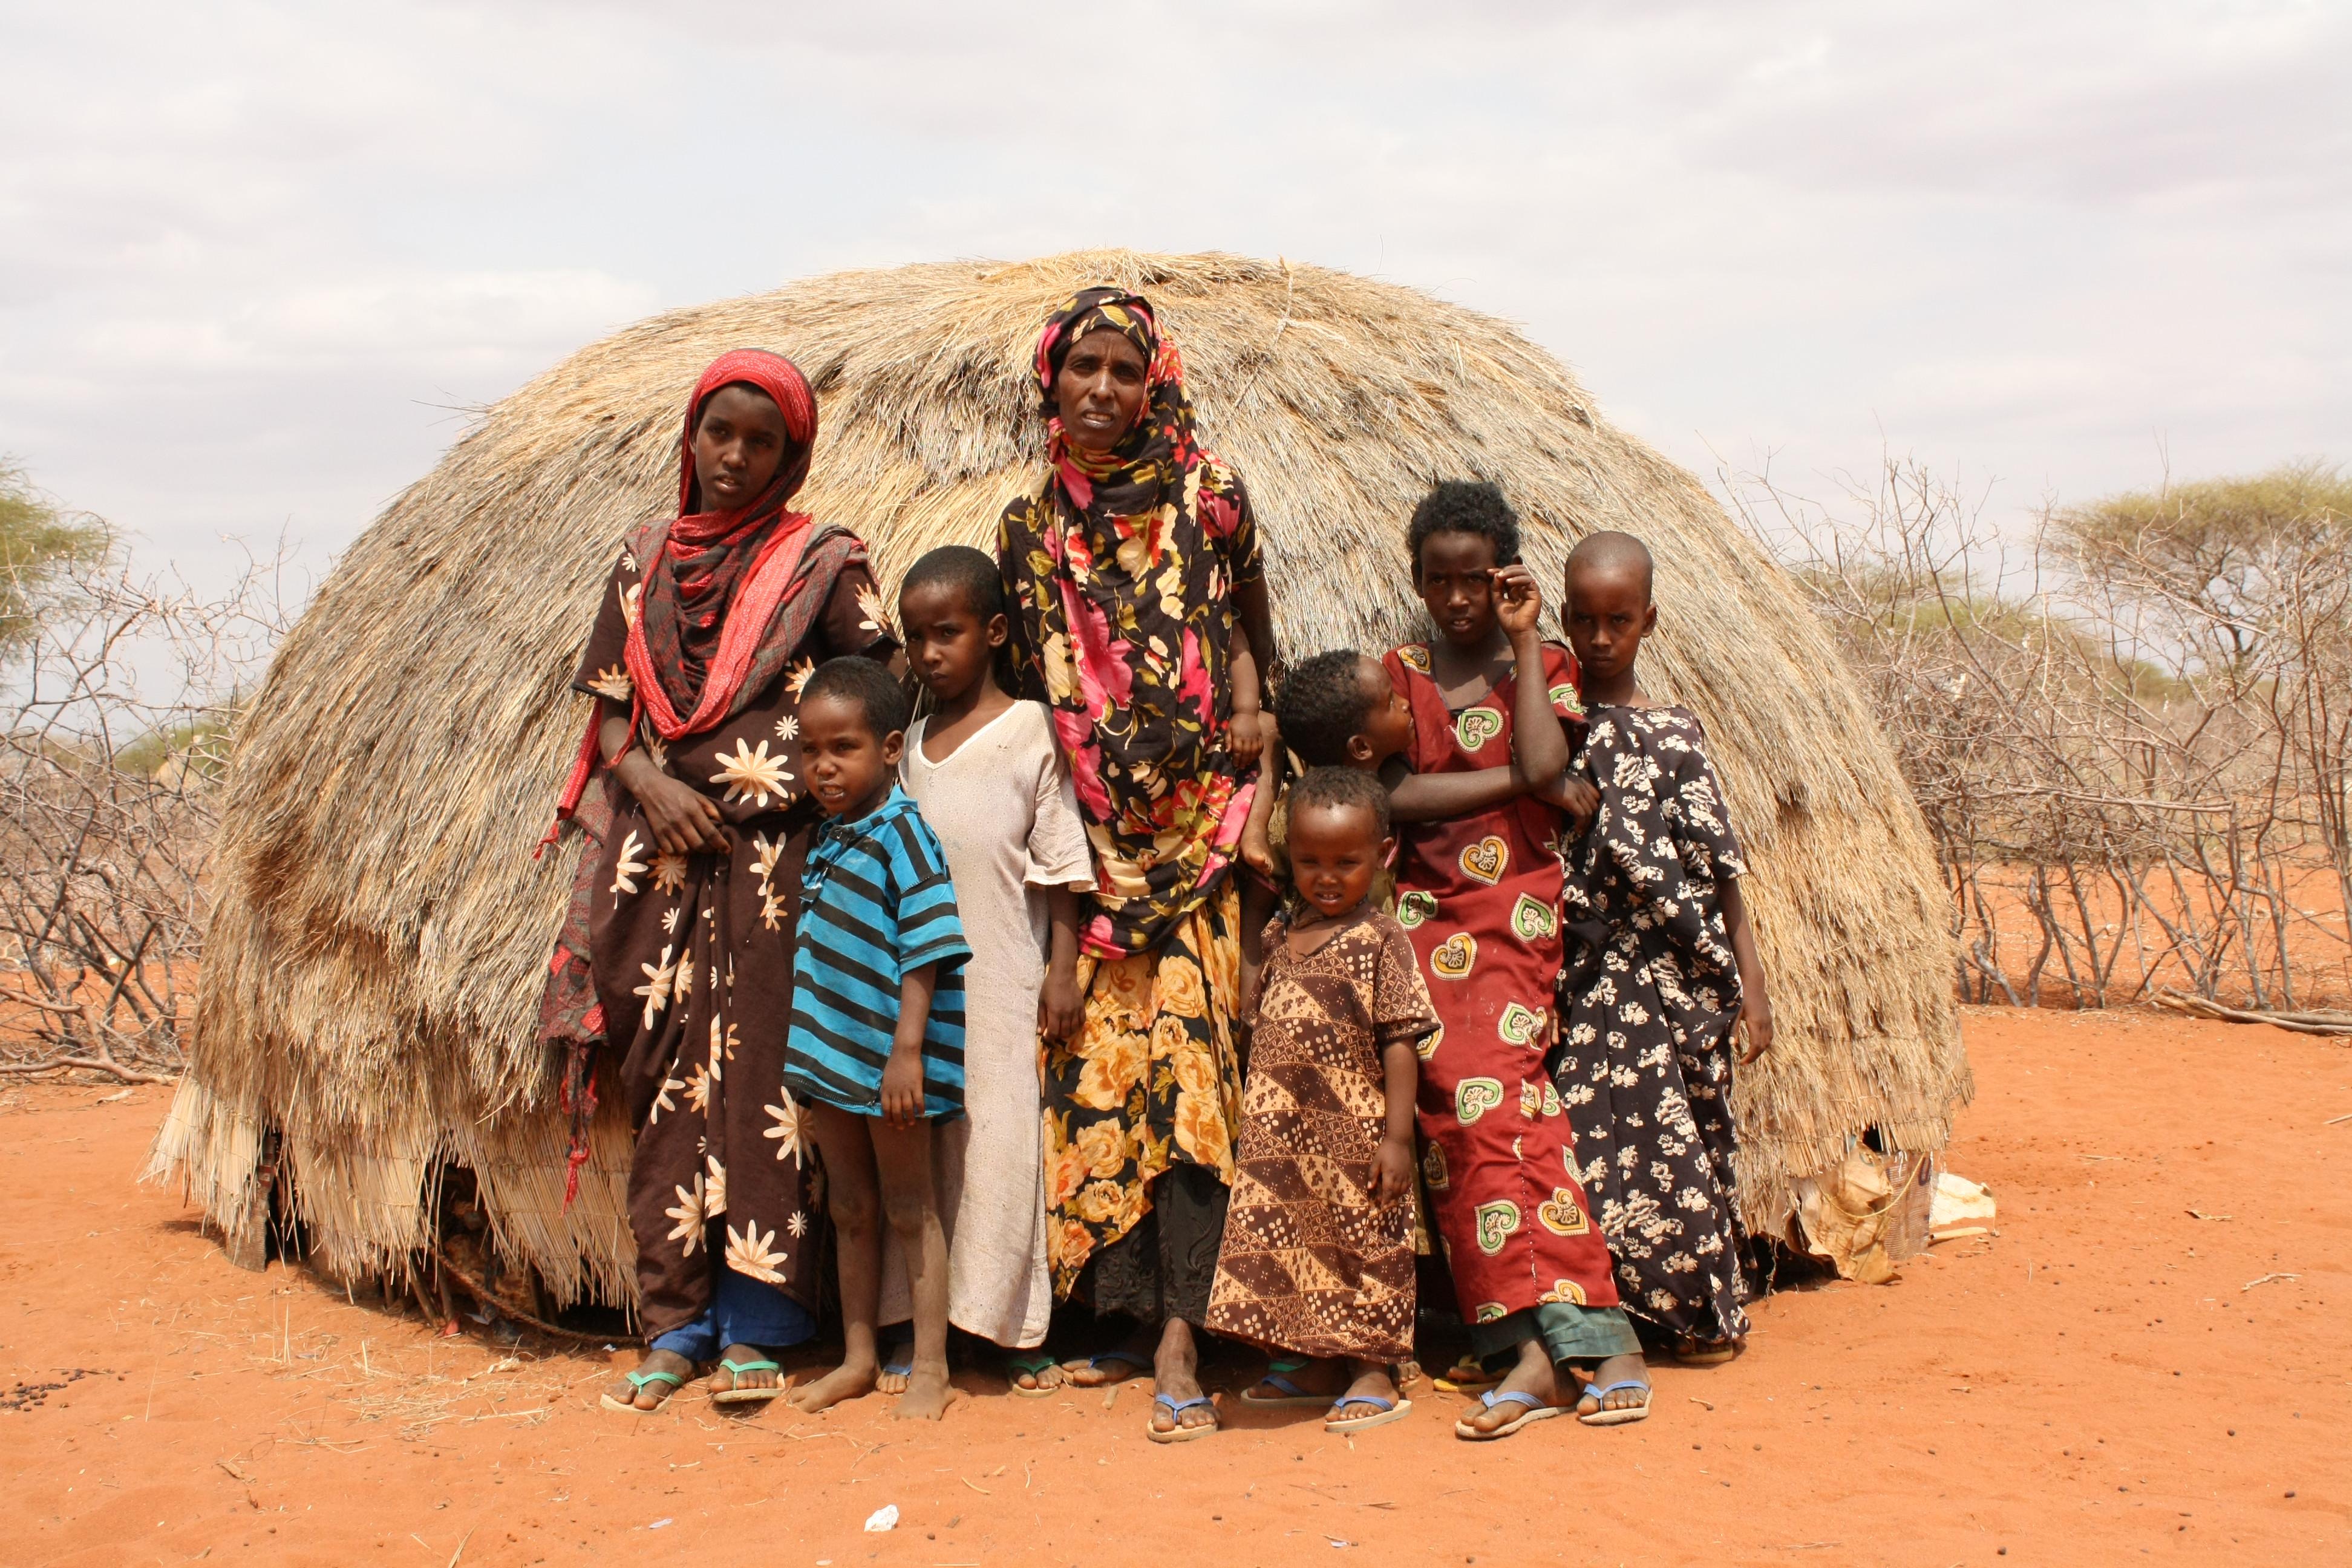 африка жители фото совсем скоро бабушка